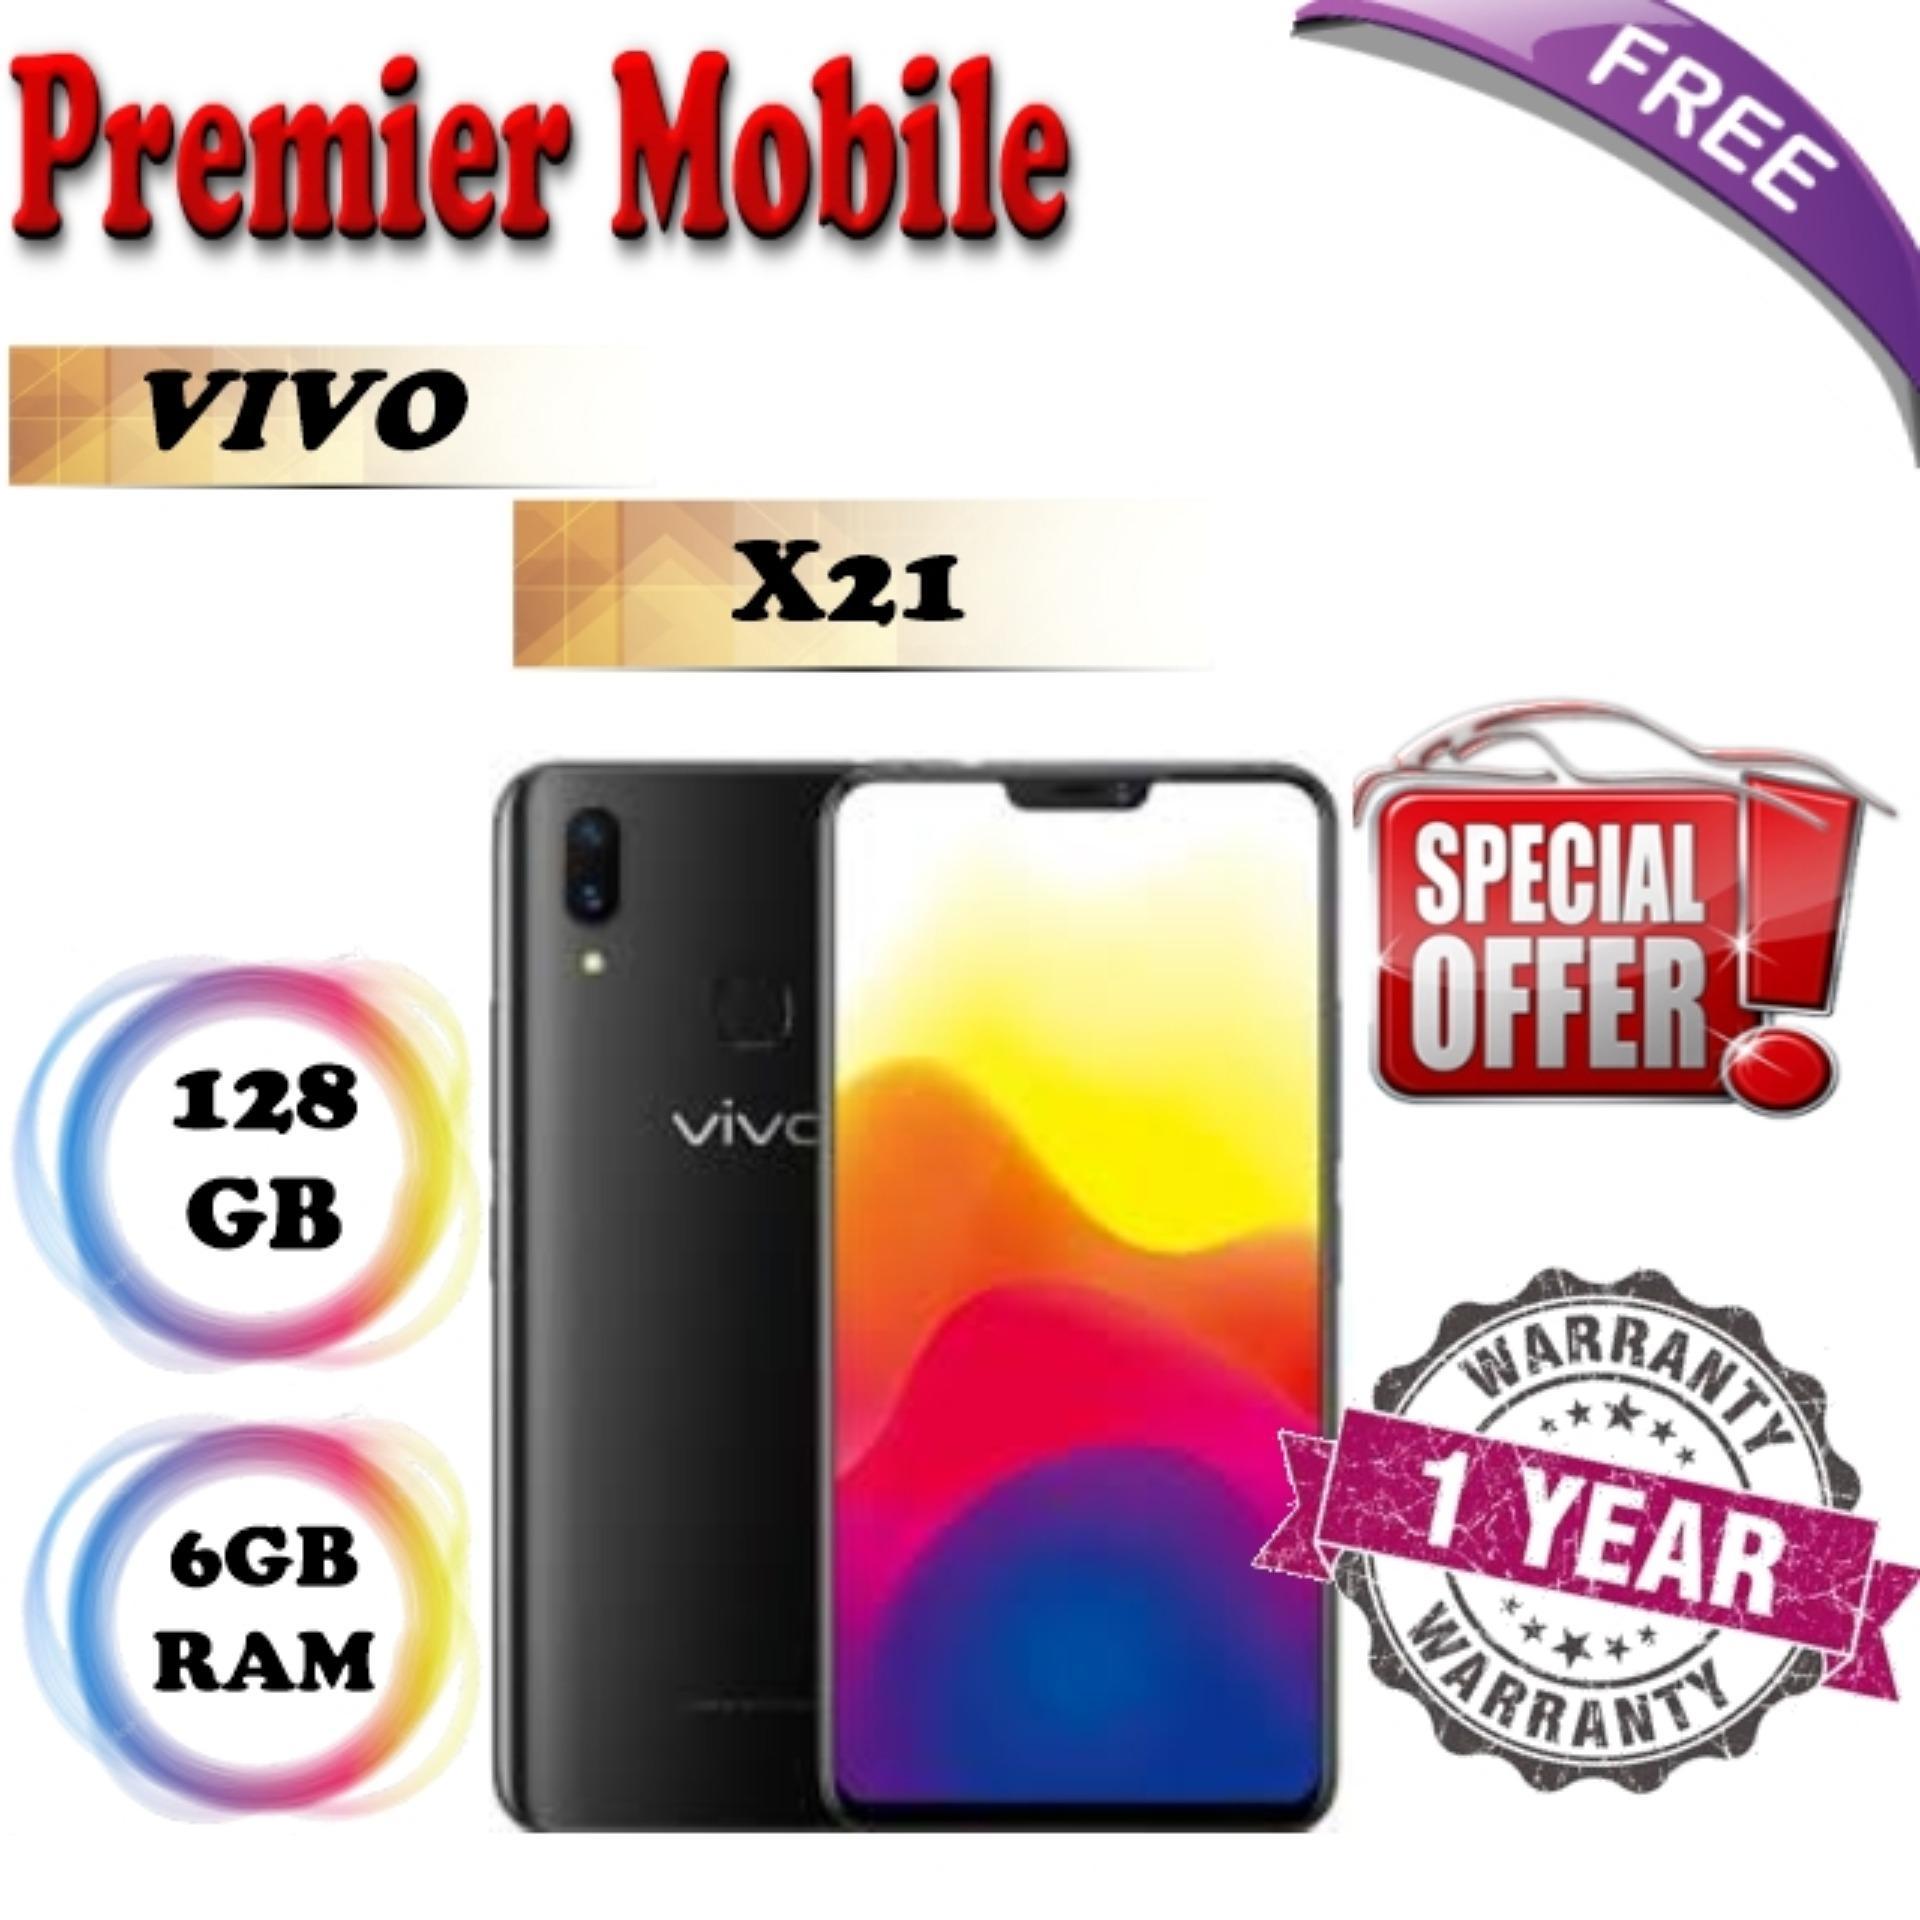 Buy Vivo X21 Local 6Gb Ram 128Gb Vivo Cheap